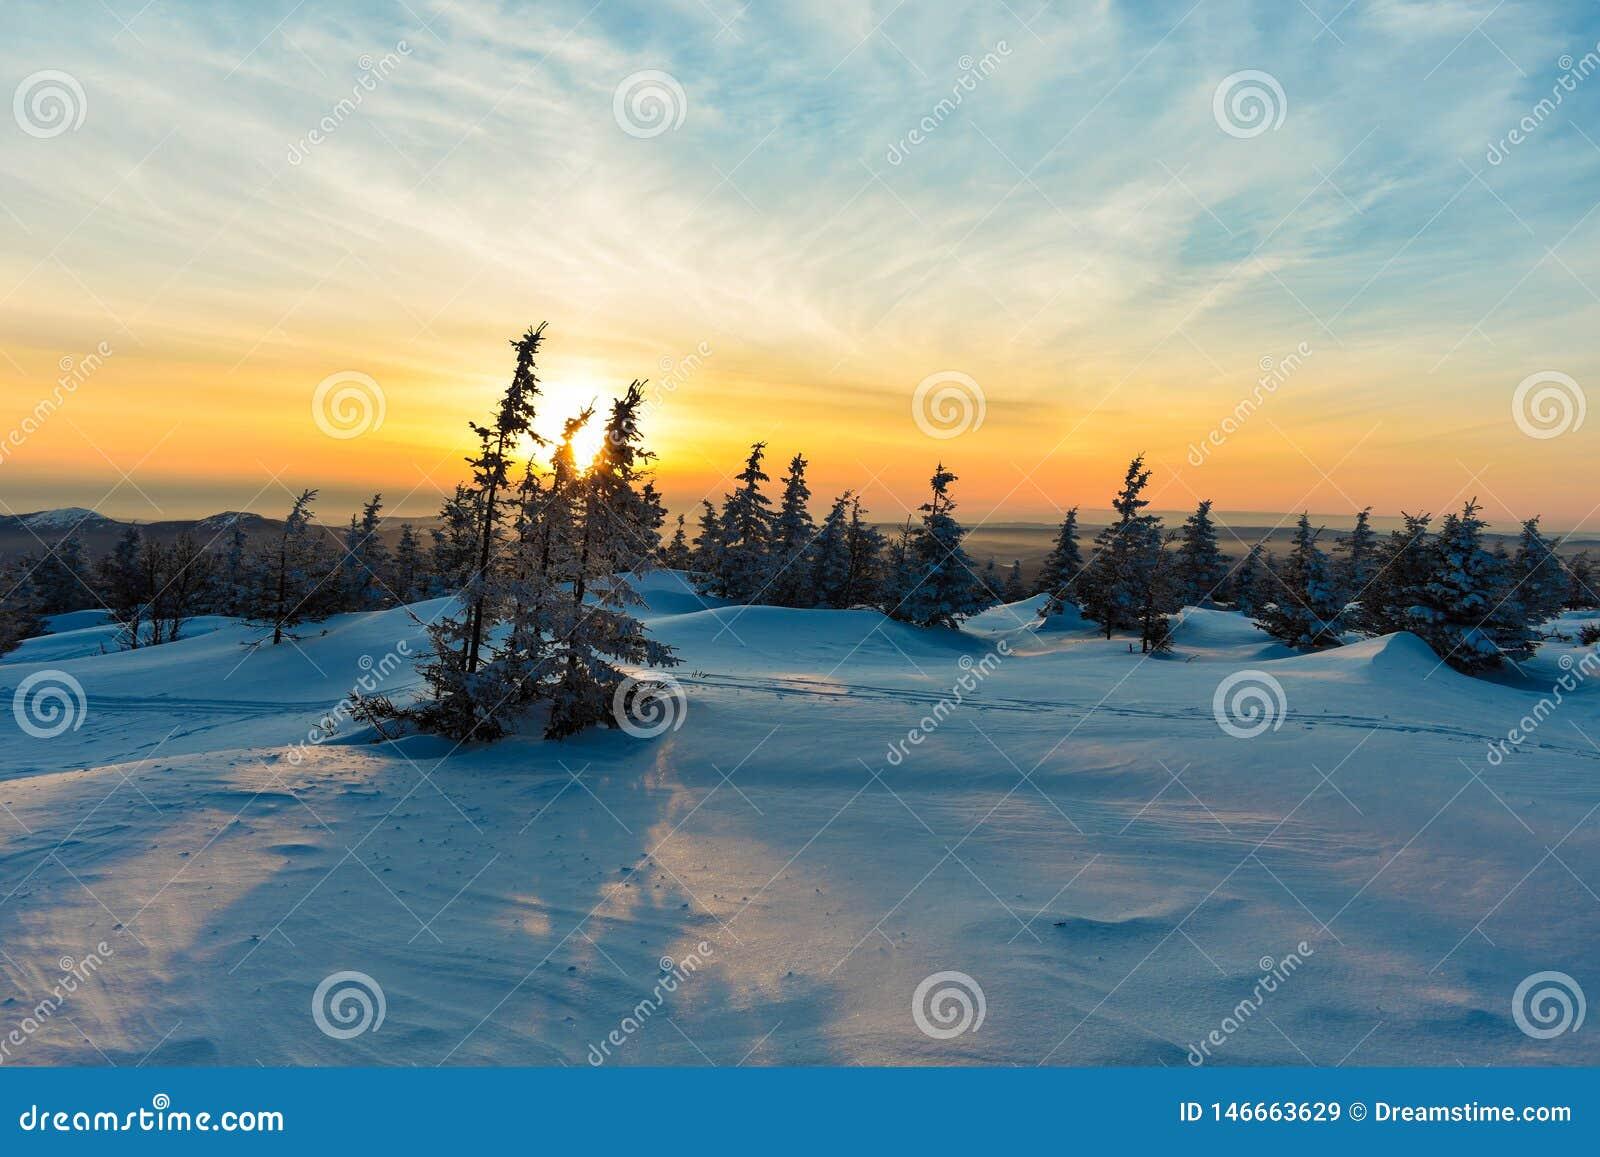 Zyuratkul国立公园